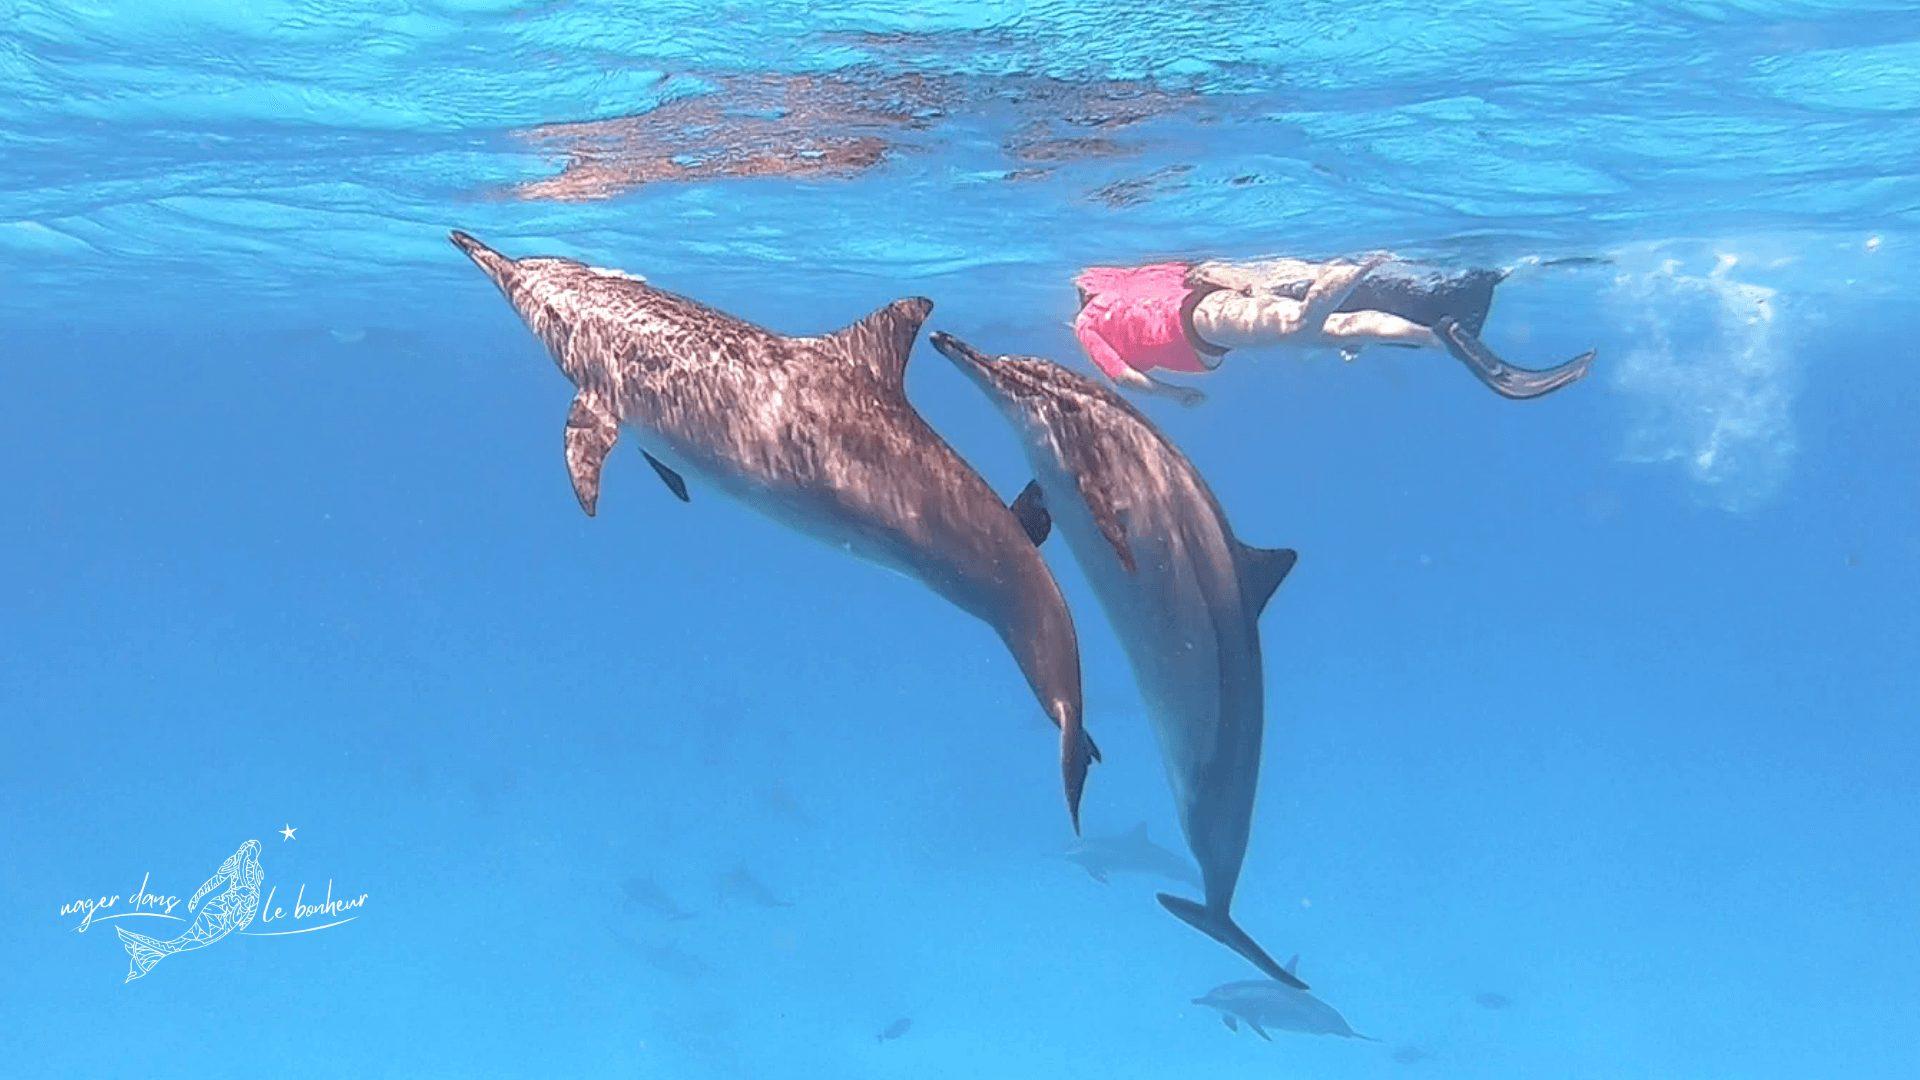 deux dauphins remontant à la surface avec plongeur en arrière-plan